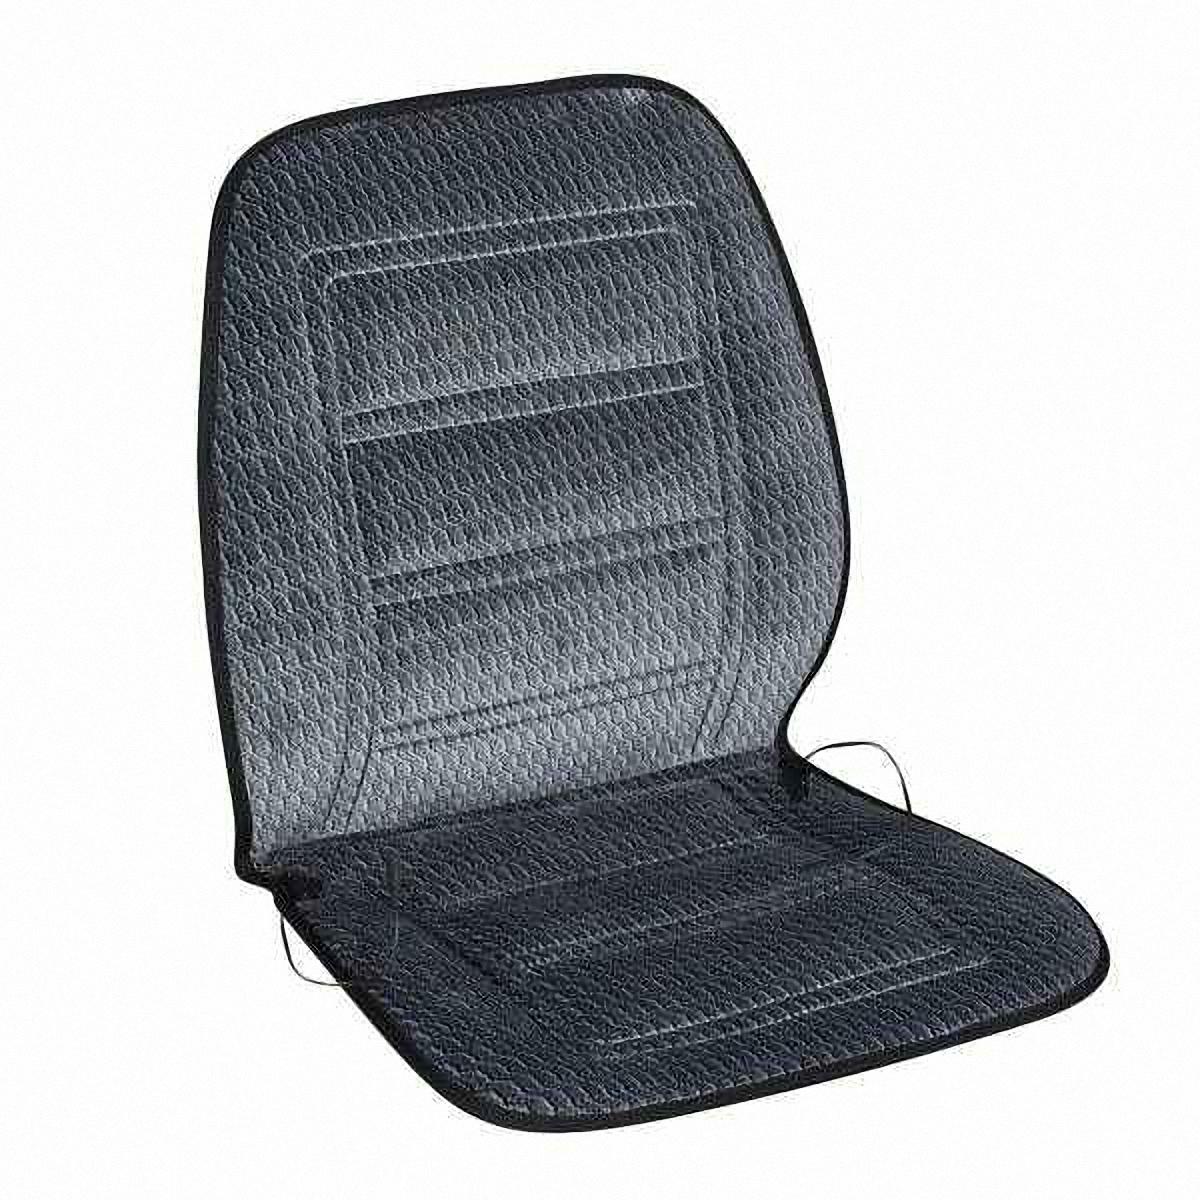 Подогрев для сиденья Skyway, со спинкой, цвет: темно-серый, 95 х 47 смS1010661В подогреве для сиденья Skyway в качестве теплоносителя применяется углеродный материал. Такой нагреватель обладает феноменальной гибкостью и прочностью на разрыв в отличие от аналогов, изготовленных из медного или иного металлического провода.Особенности:- Универсальный размер.- Снижает усталость при управлении автомобилем.- Обеспечивает комфортное вождение в холодное время года.- Простая и быстрая установка.- Умеренный и интенсивный режим нагрева.- Терморегулятор для изменения интенсивности нагрева.- Защита крепления шнура питания к подогреву.Устройство подключается к прикуривателю на 12V.